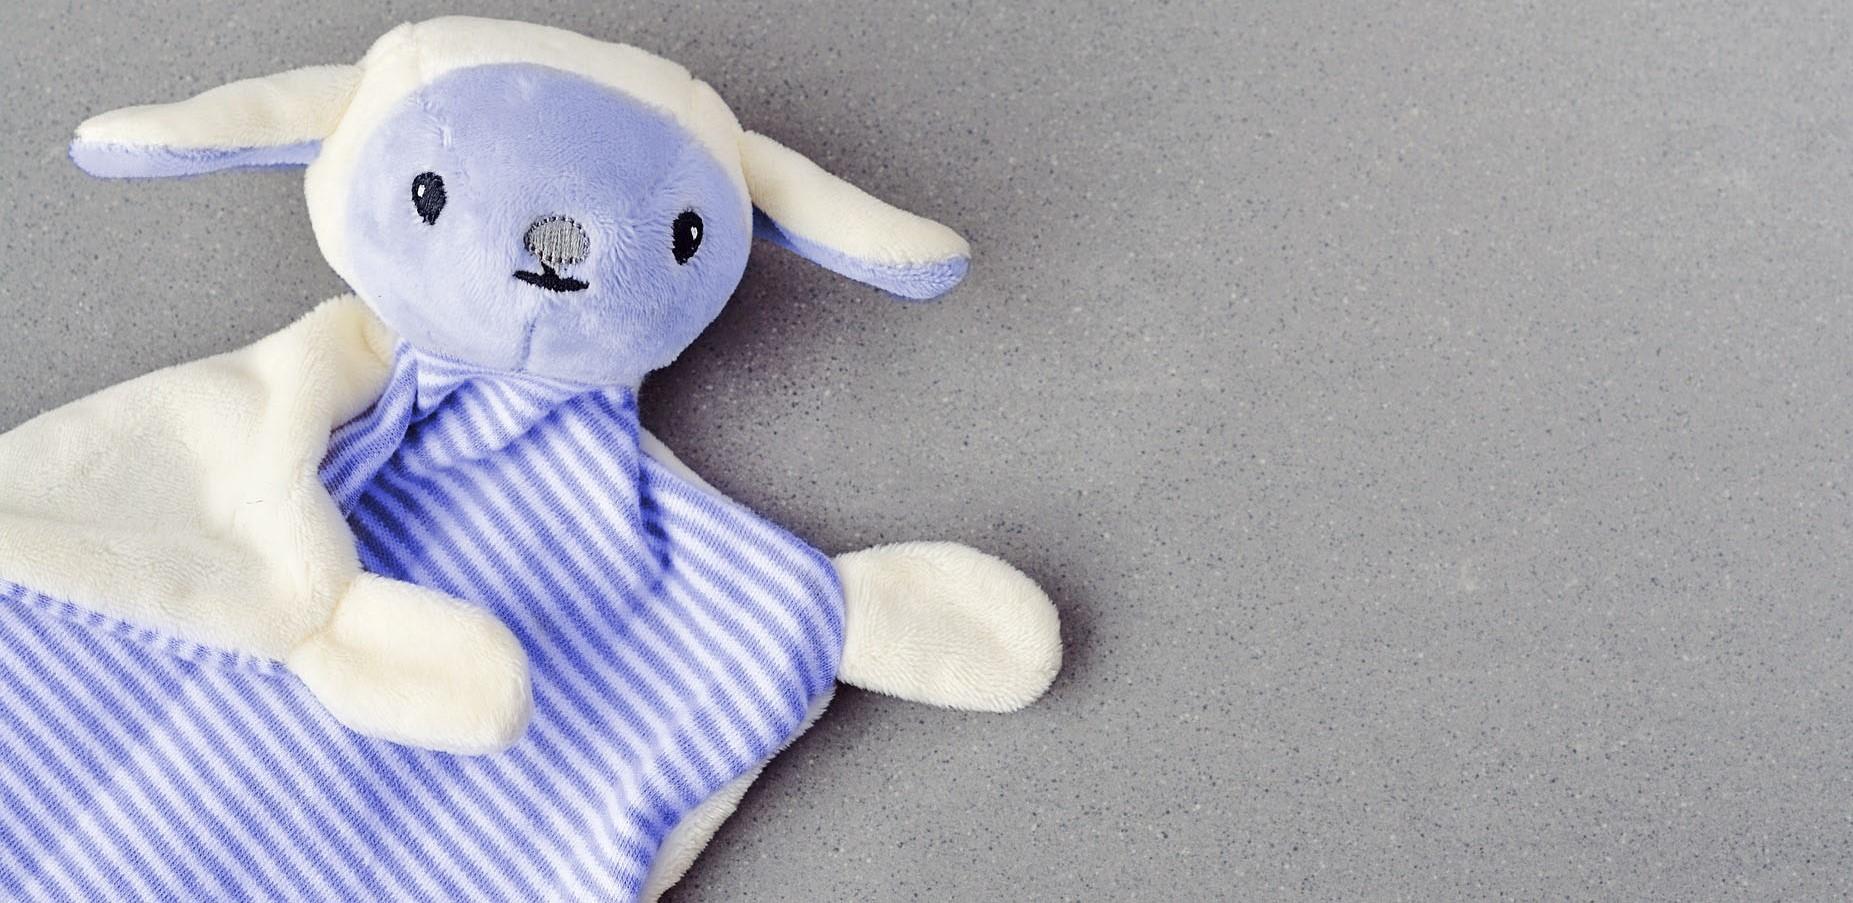 Qu Offrir Pour Une Naissance idée cadeau naissance garçon - kidou